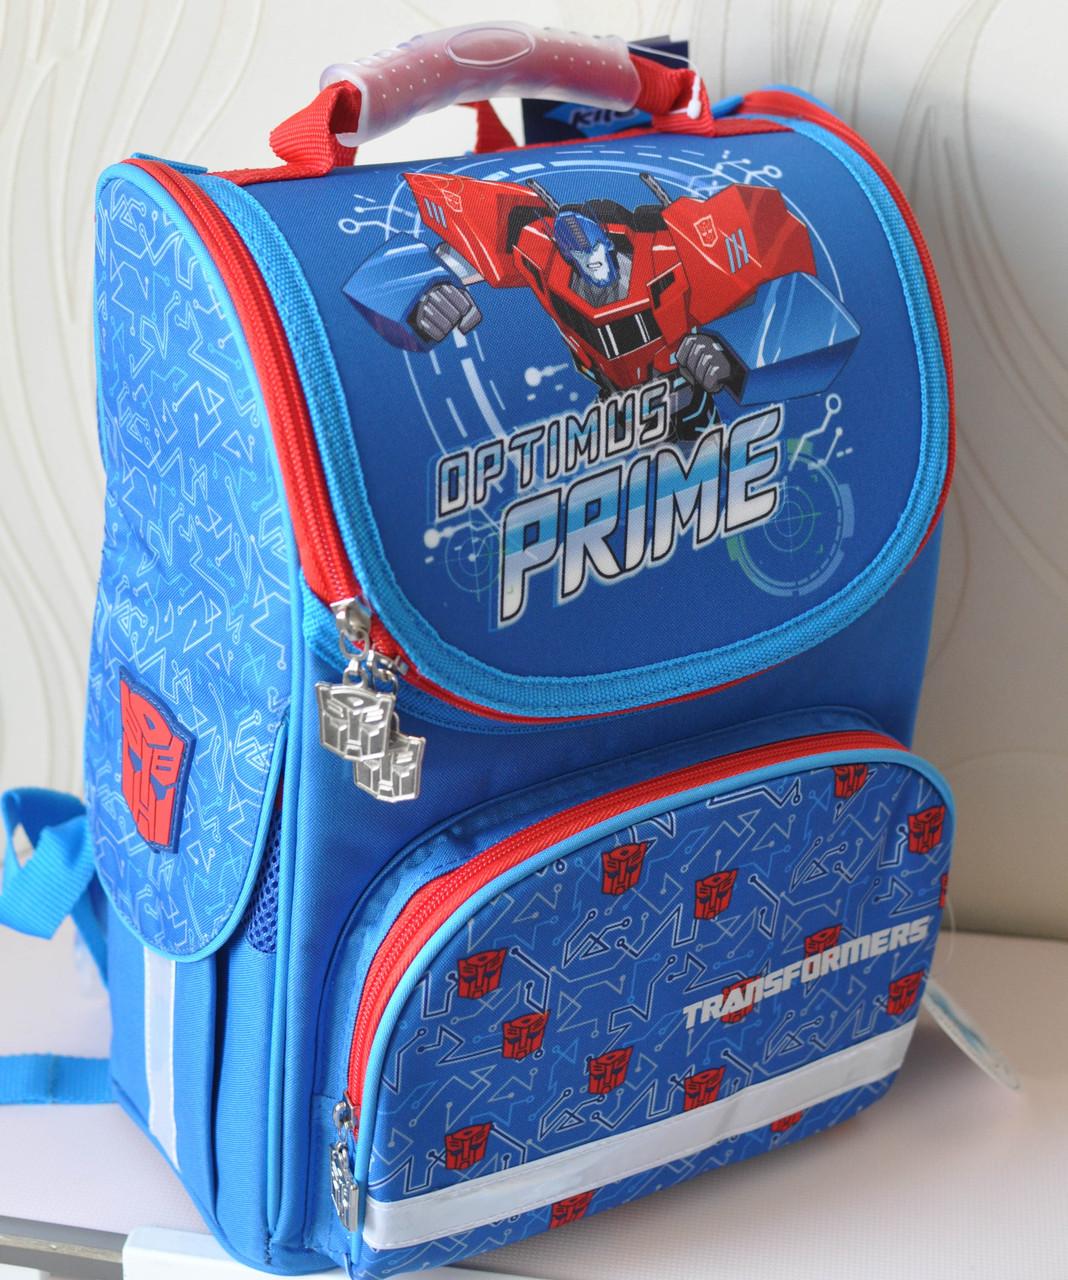 Рюкзаки германия для школы трансформер оптимус прайм рюкзак swisswin где купить в спб